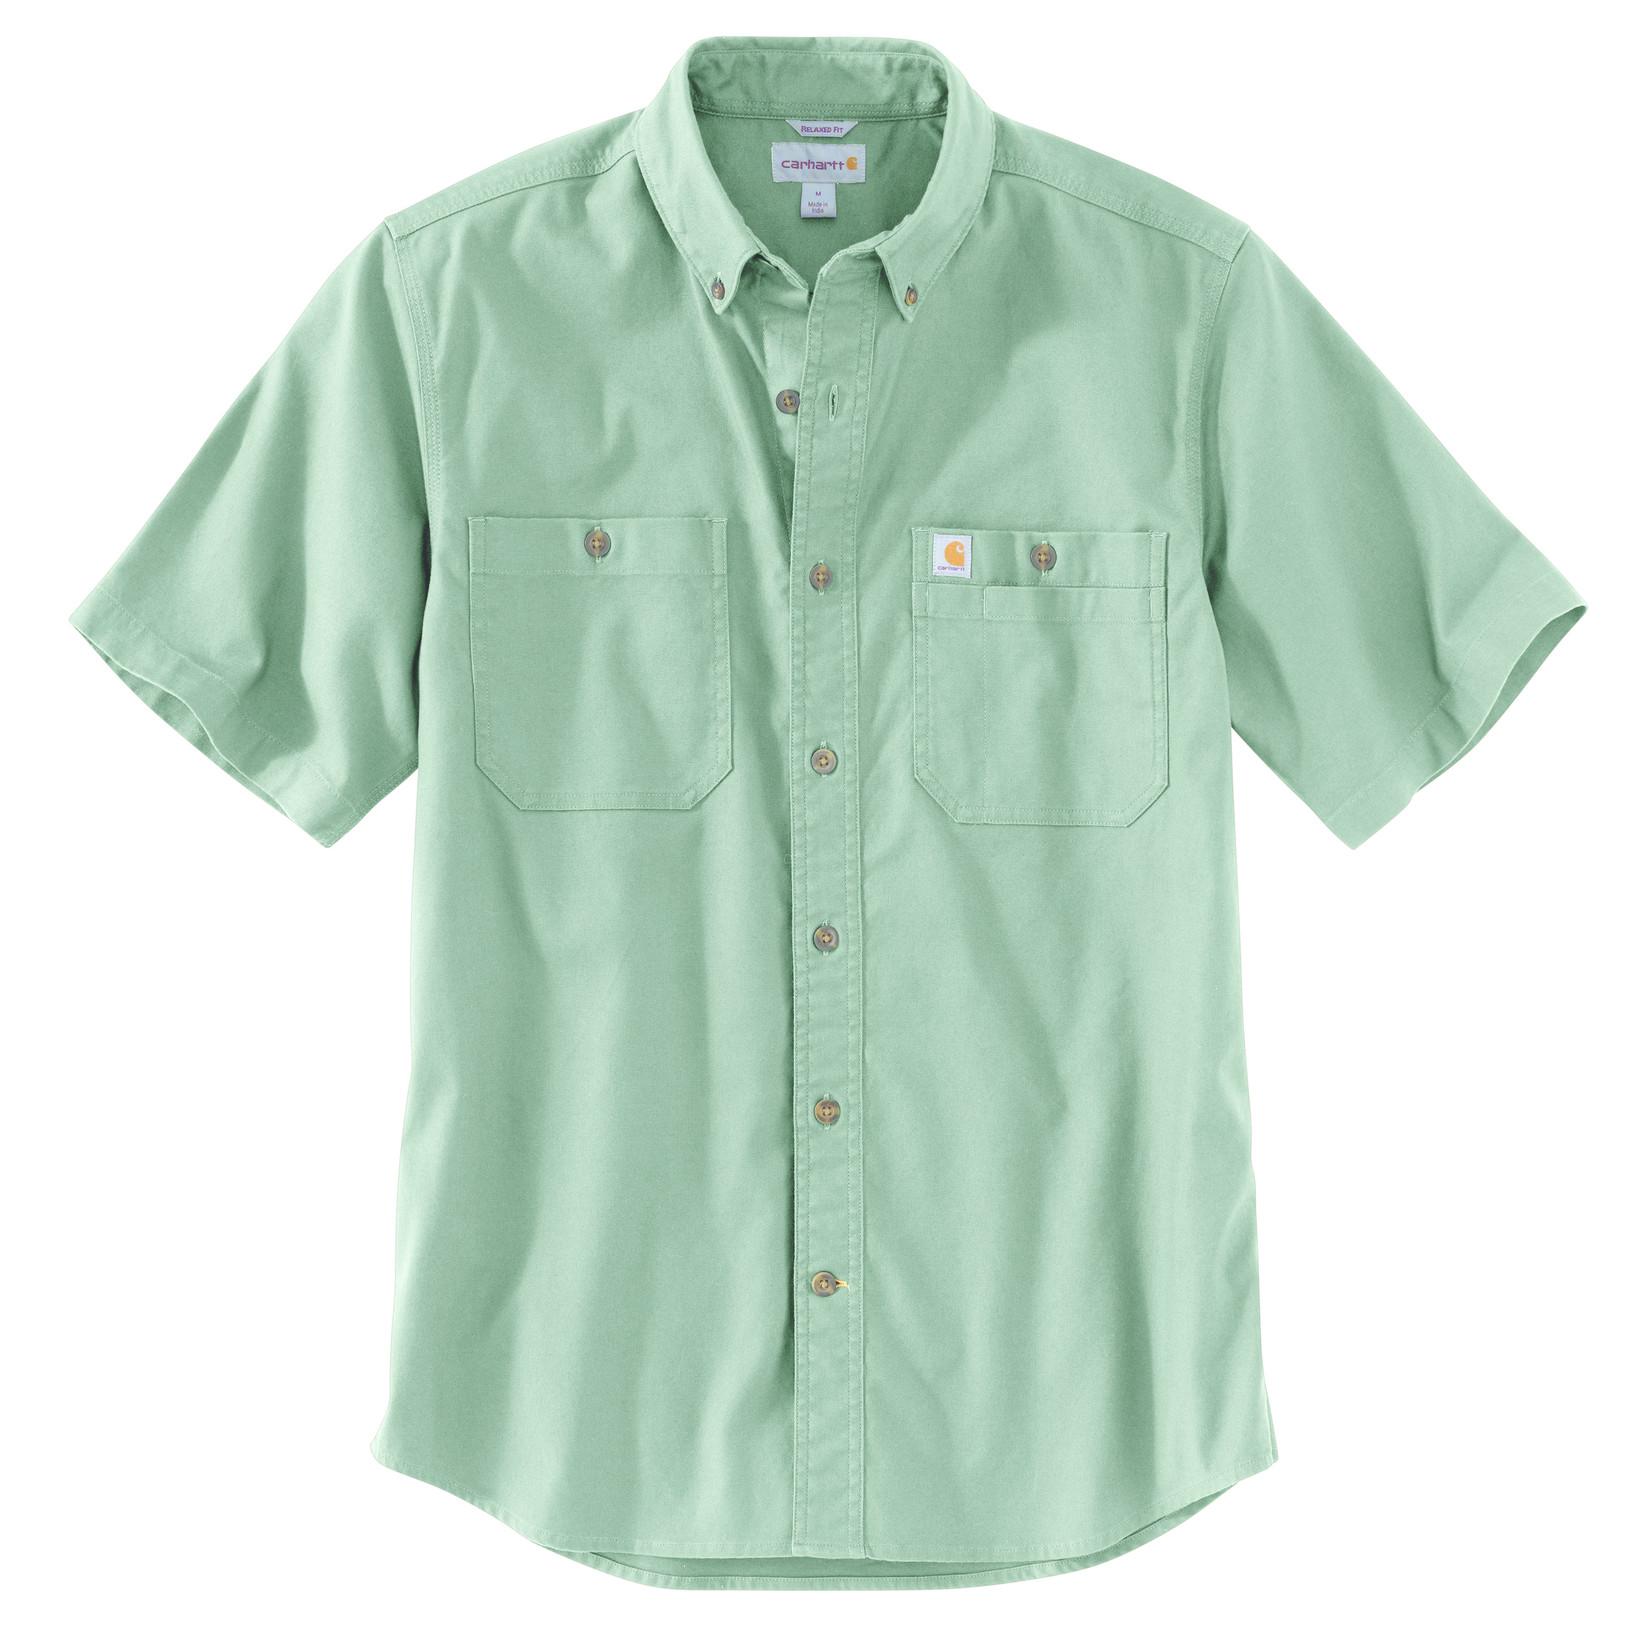 Carhartt Carhartt 103555 Relaxed Fit Midweight Canvas SS Shirt